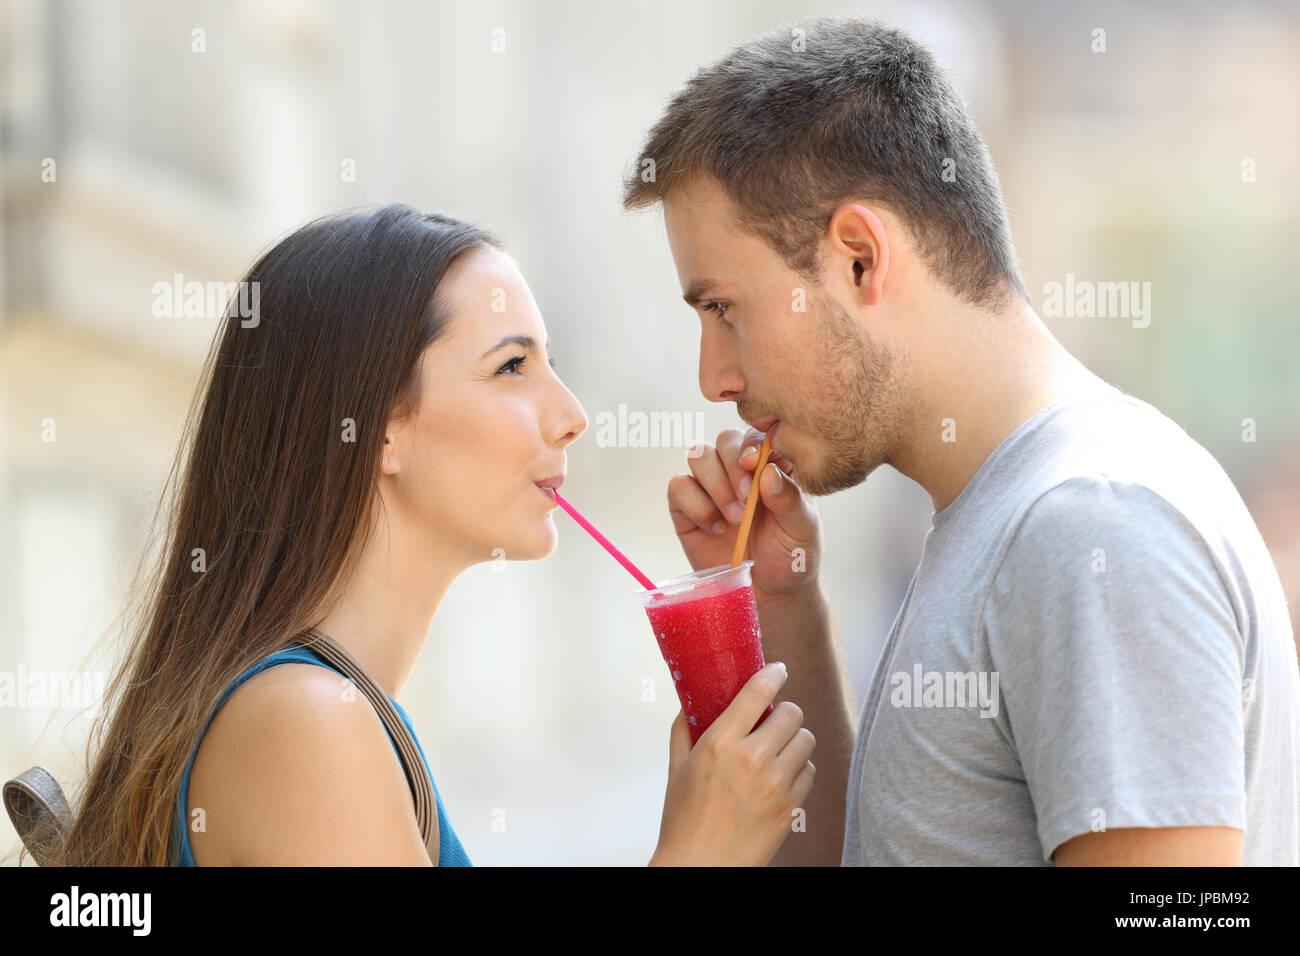 Seite Ansicht Porträt ein glückliches Paar, schlürfen einen Matsch zusammen draußen auf der Straße Stockfoto